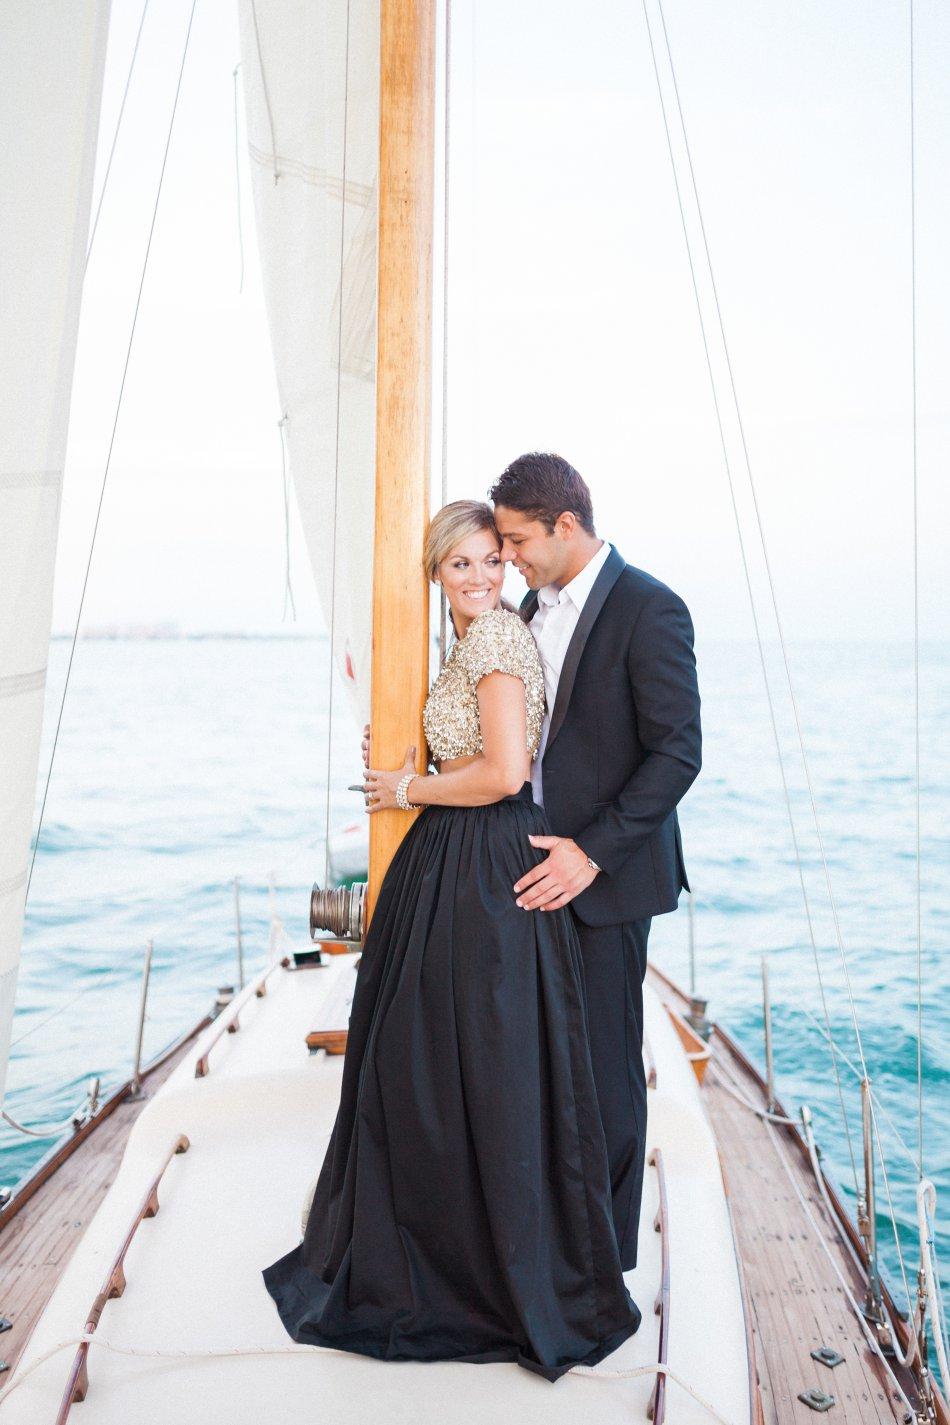 naples-luxury-sailing-engagement-photography-nautical-sailboat-engagement_1055.jpg